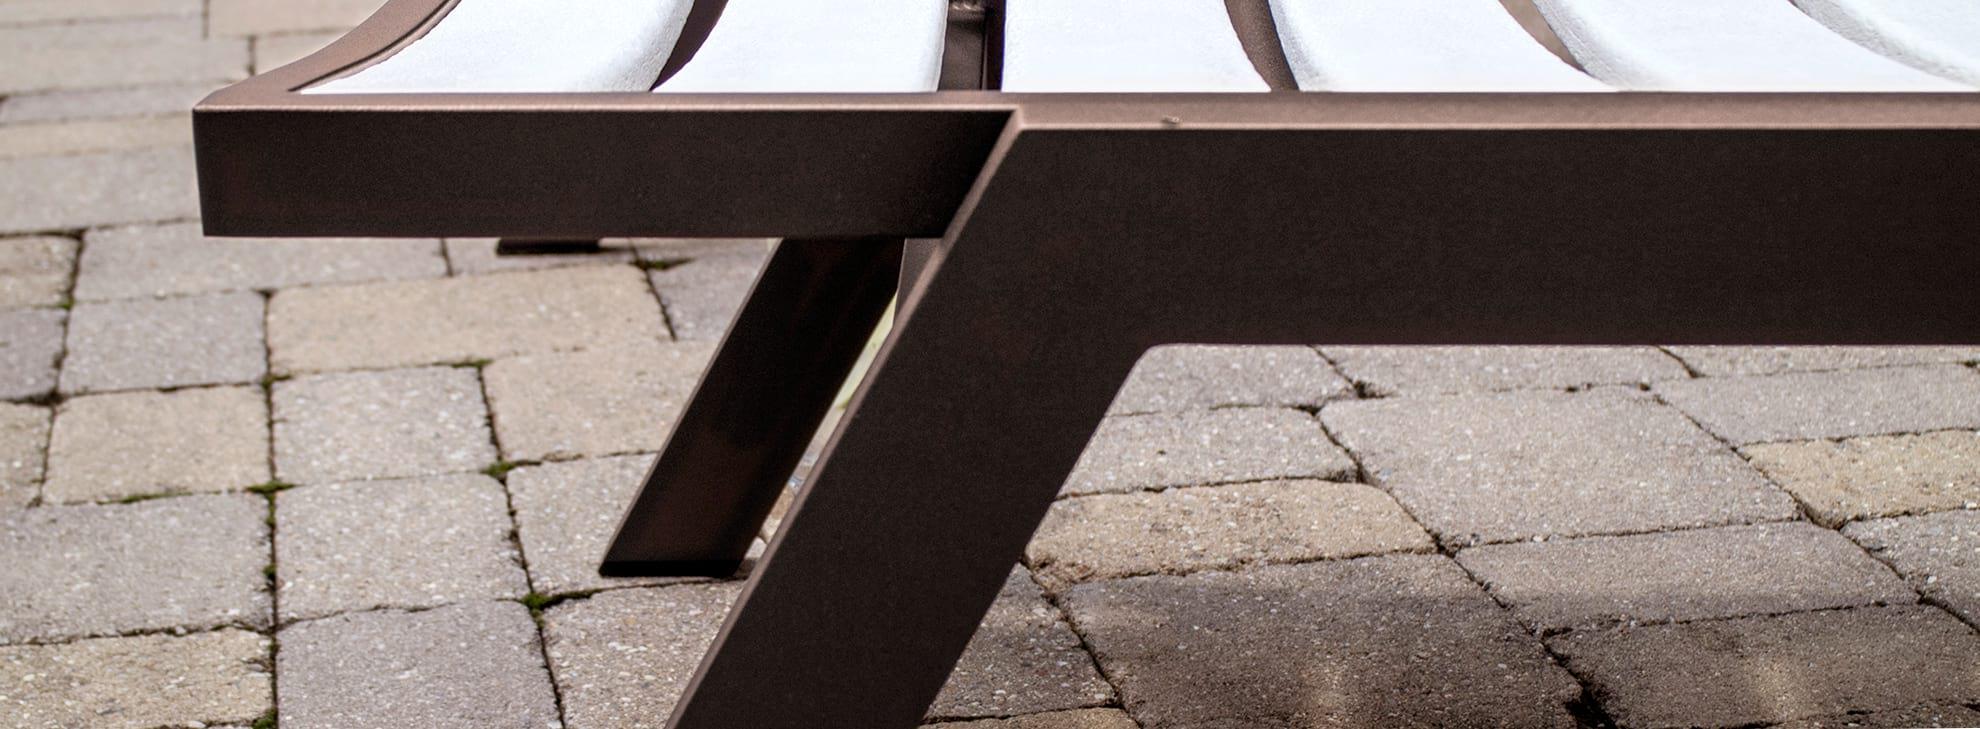 POLYWOOD Aluminum Frame